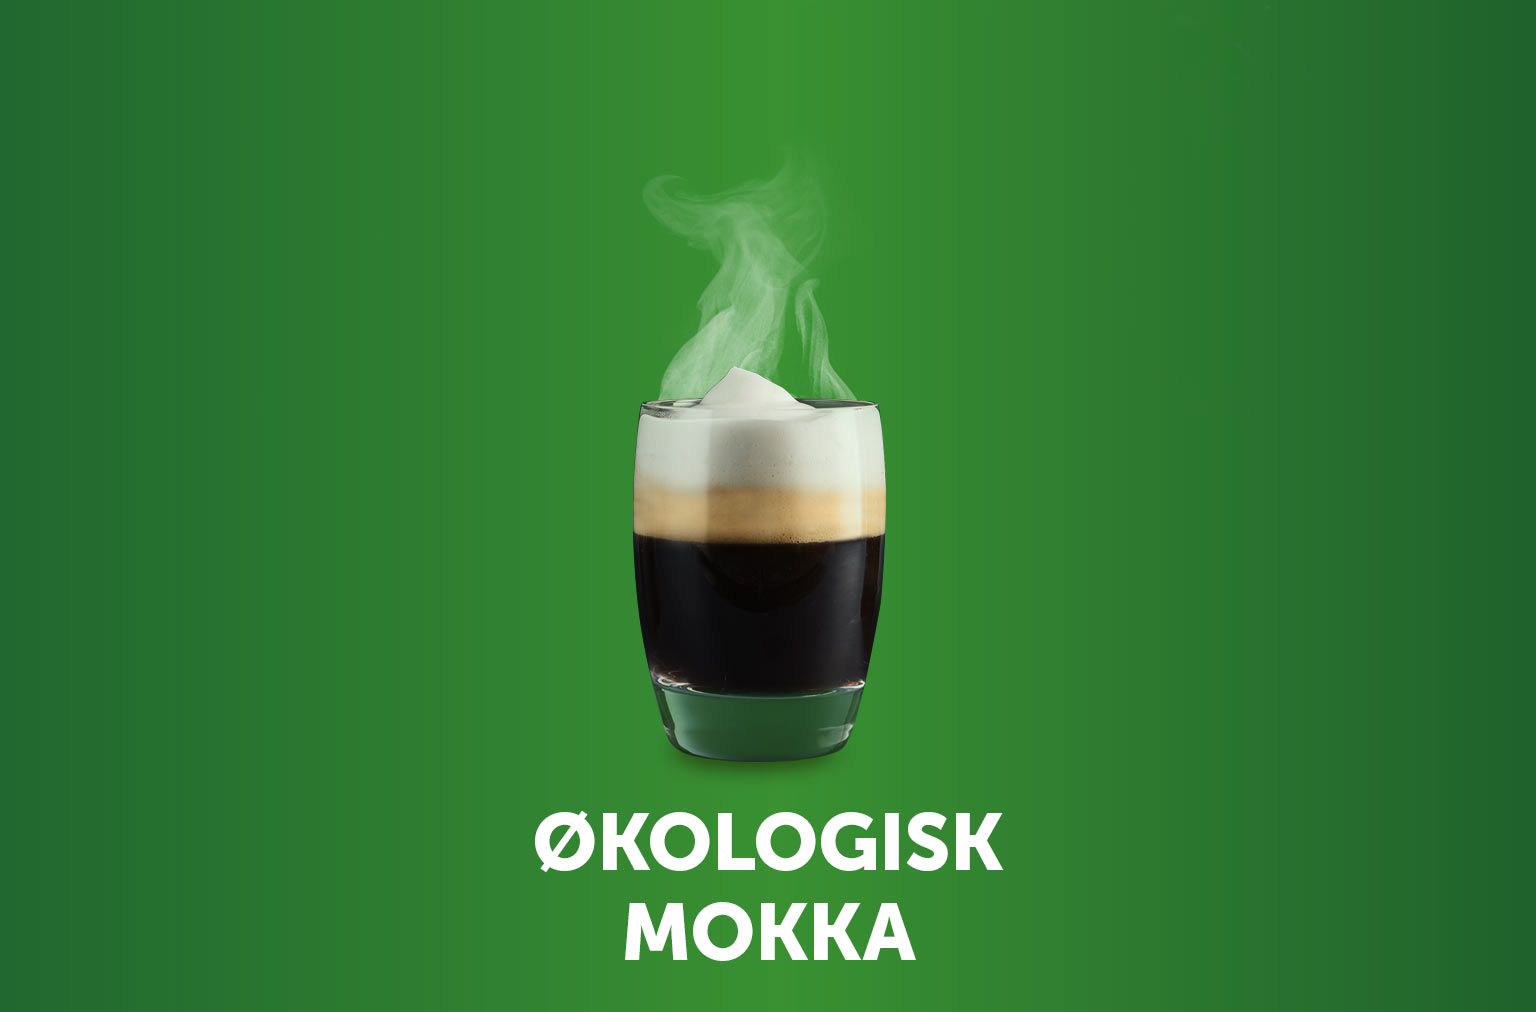 Økologisk Mokka